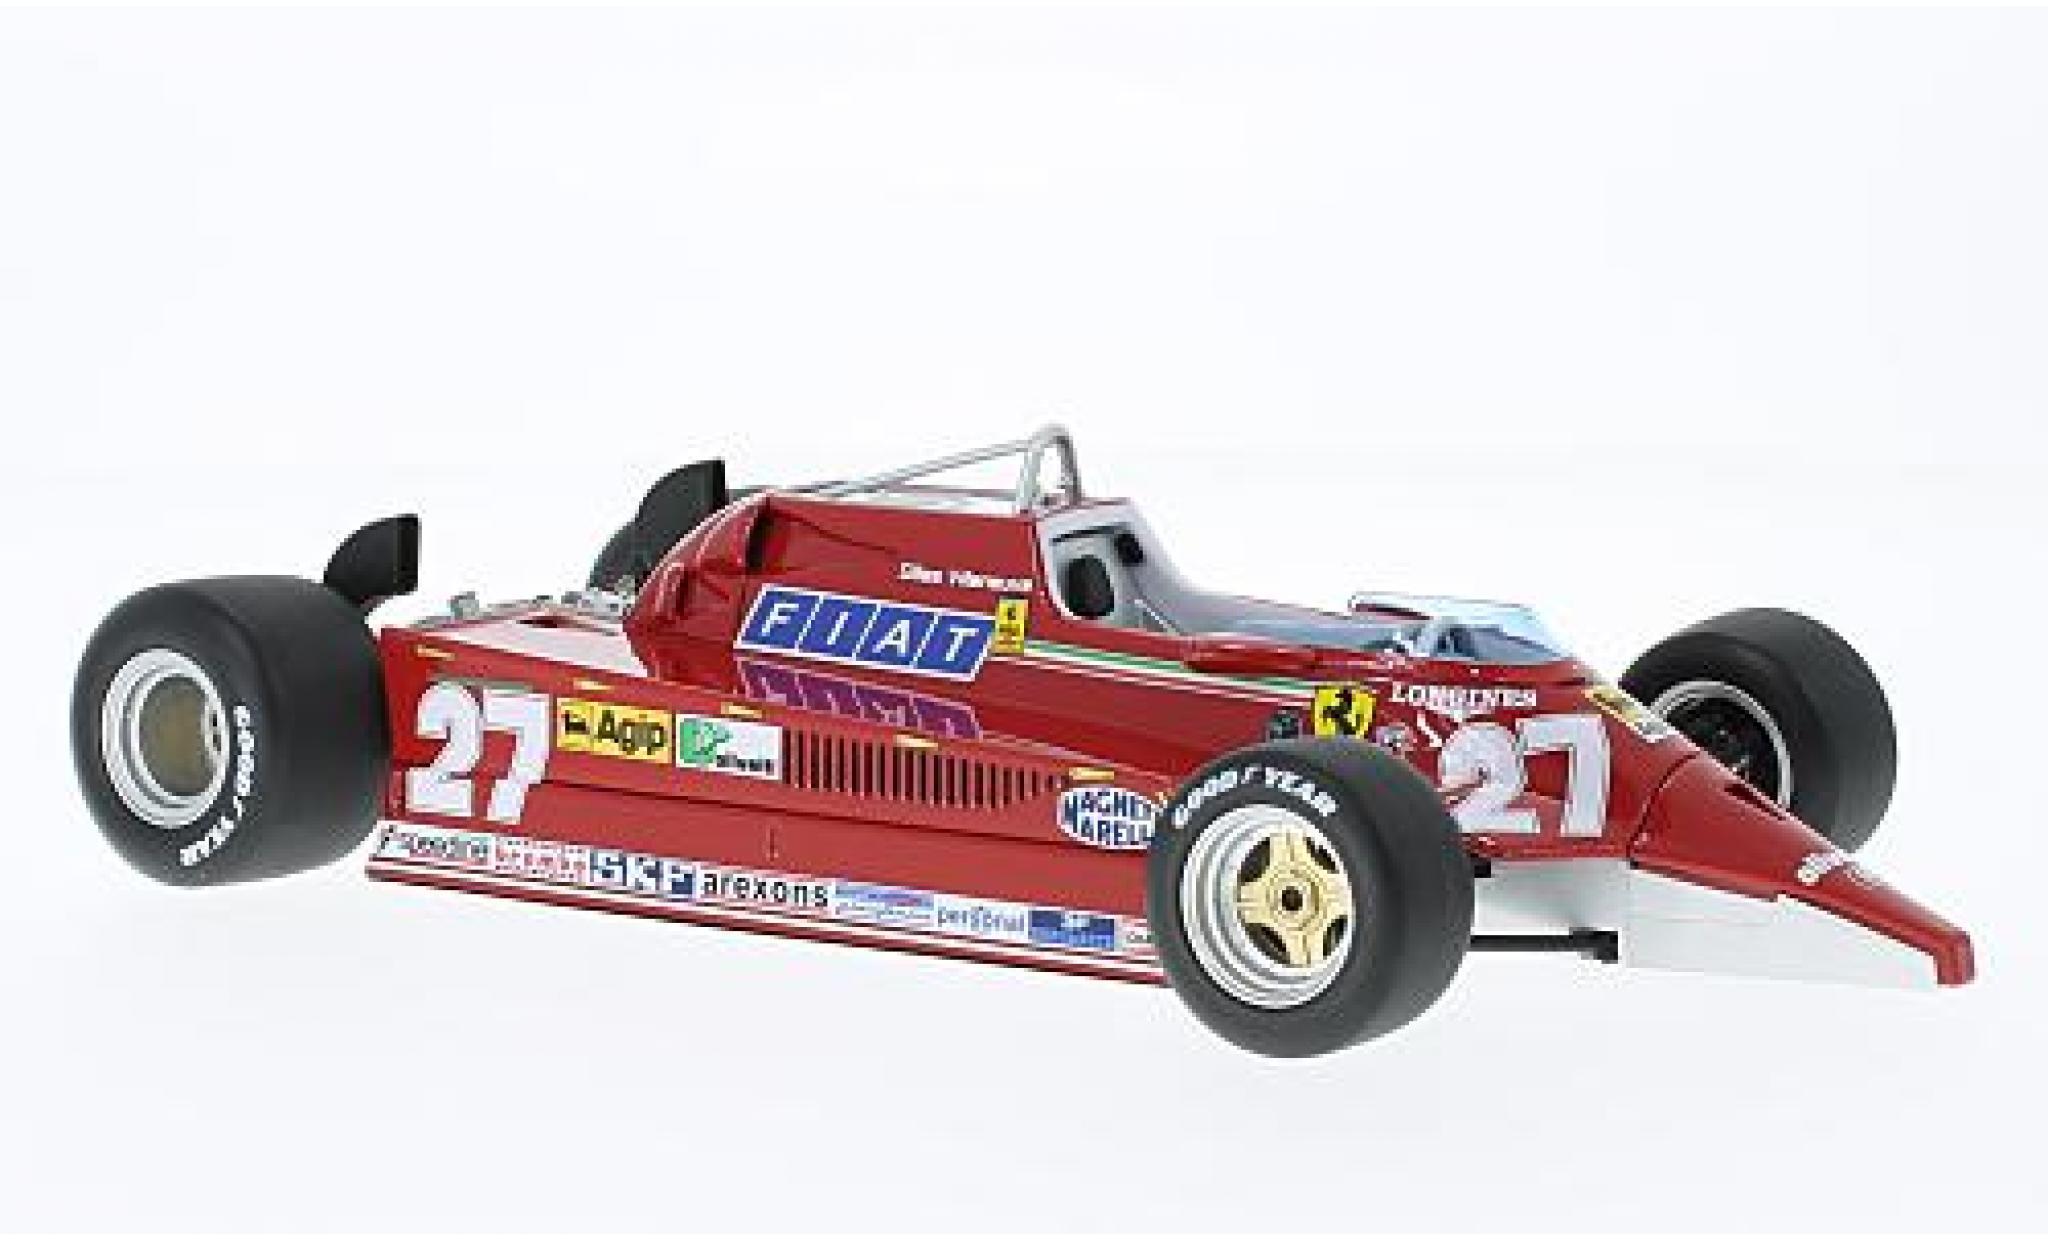 Ferrari 126 1/18 Look Smart CK No.27 Formel 1 1981 Version: VS F104S Starfighter G.Villeneuve